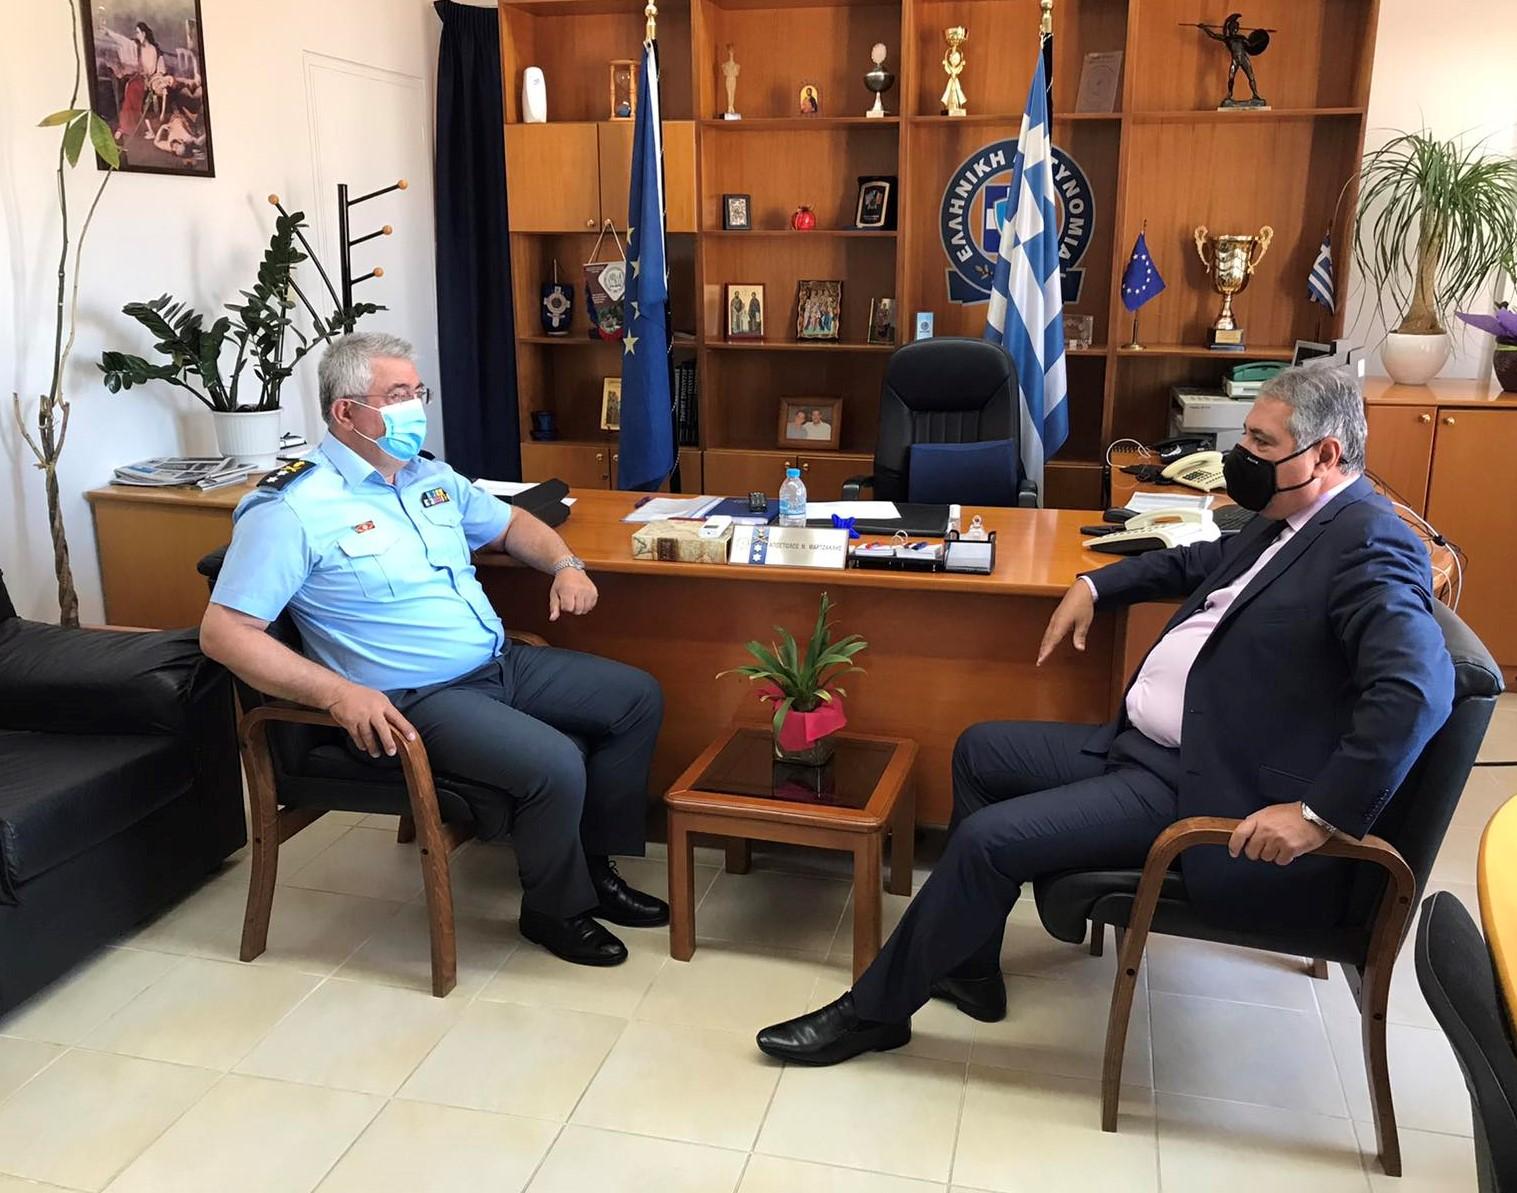 Επίσκεψη Διοικητή 6ης ΥΠΕ στη Γενική Περιφερειακή Αστυνομική Διεύθυνση Δυτικής Ελλάδας